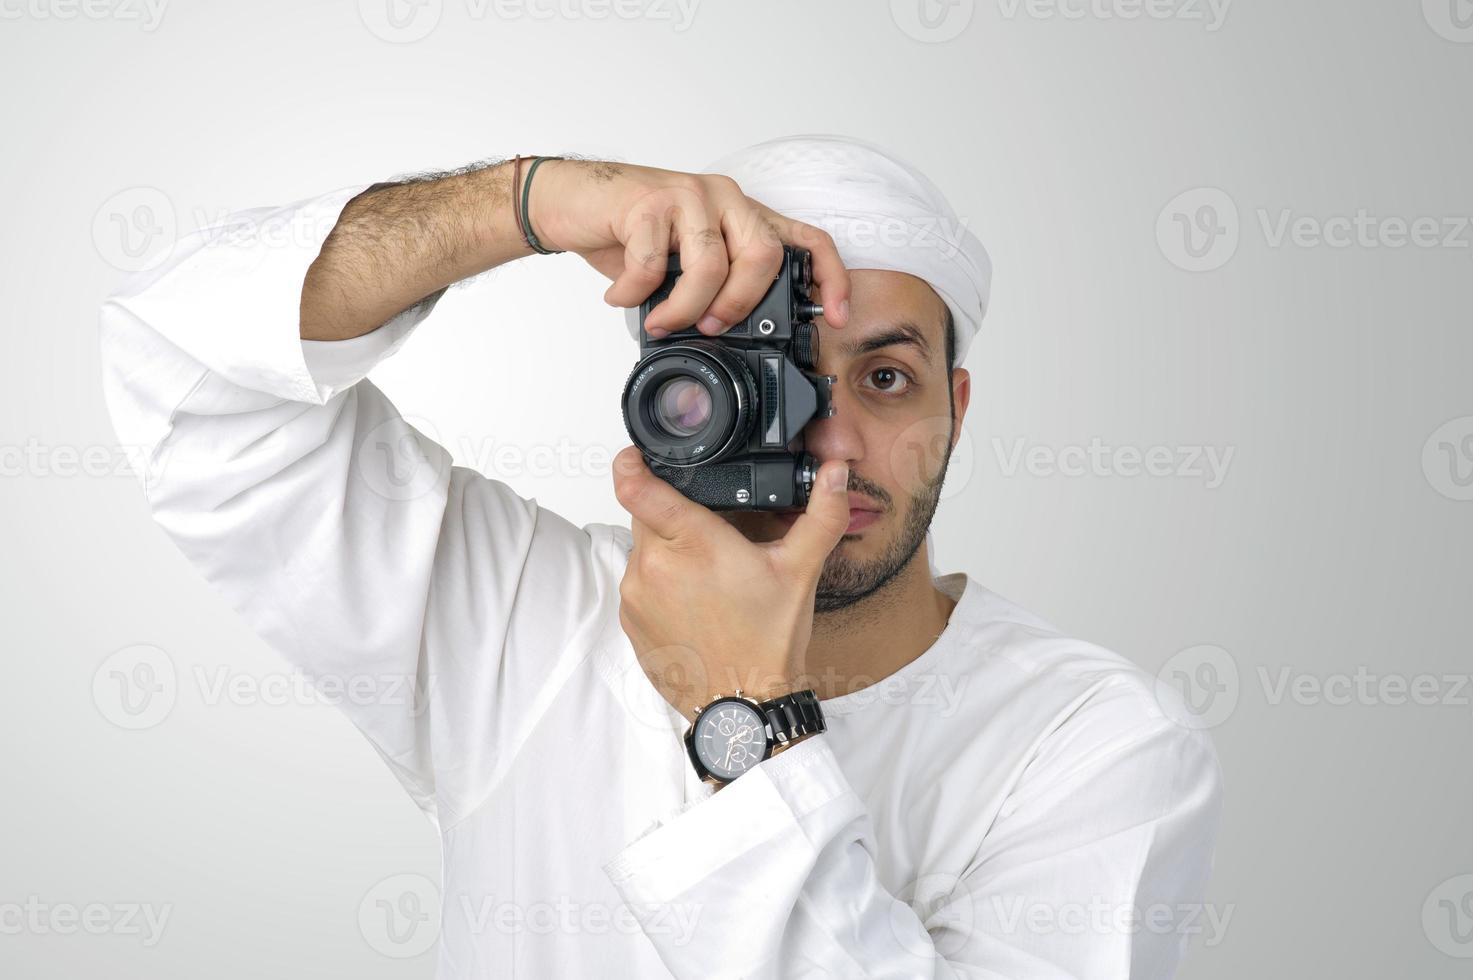 giovane uomo arabo usando tenendo la sua macchina fotografica pronta a sparare, foto